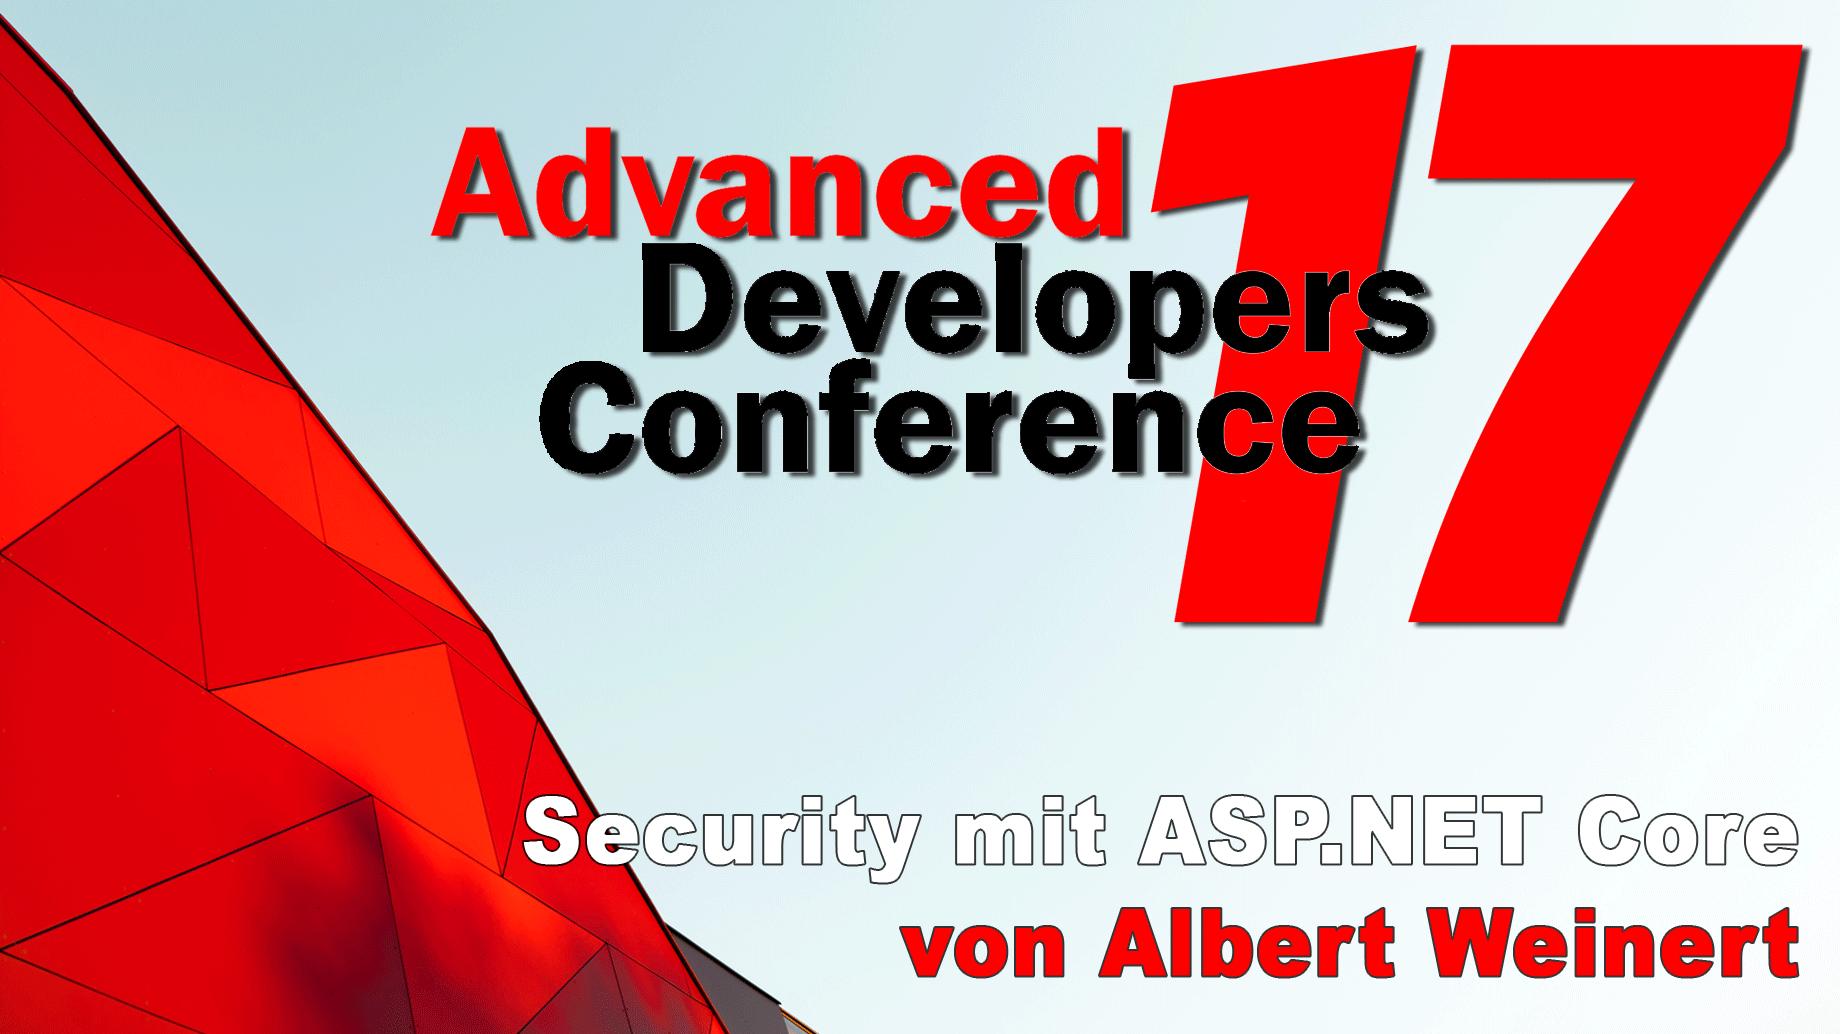 2017/ADCpp/Vortrag3-Security-aspnetcore-AlbertWeinert